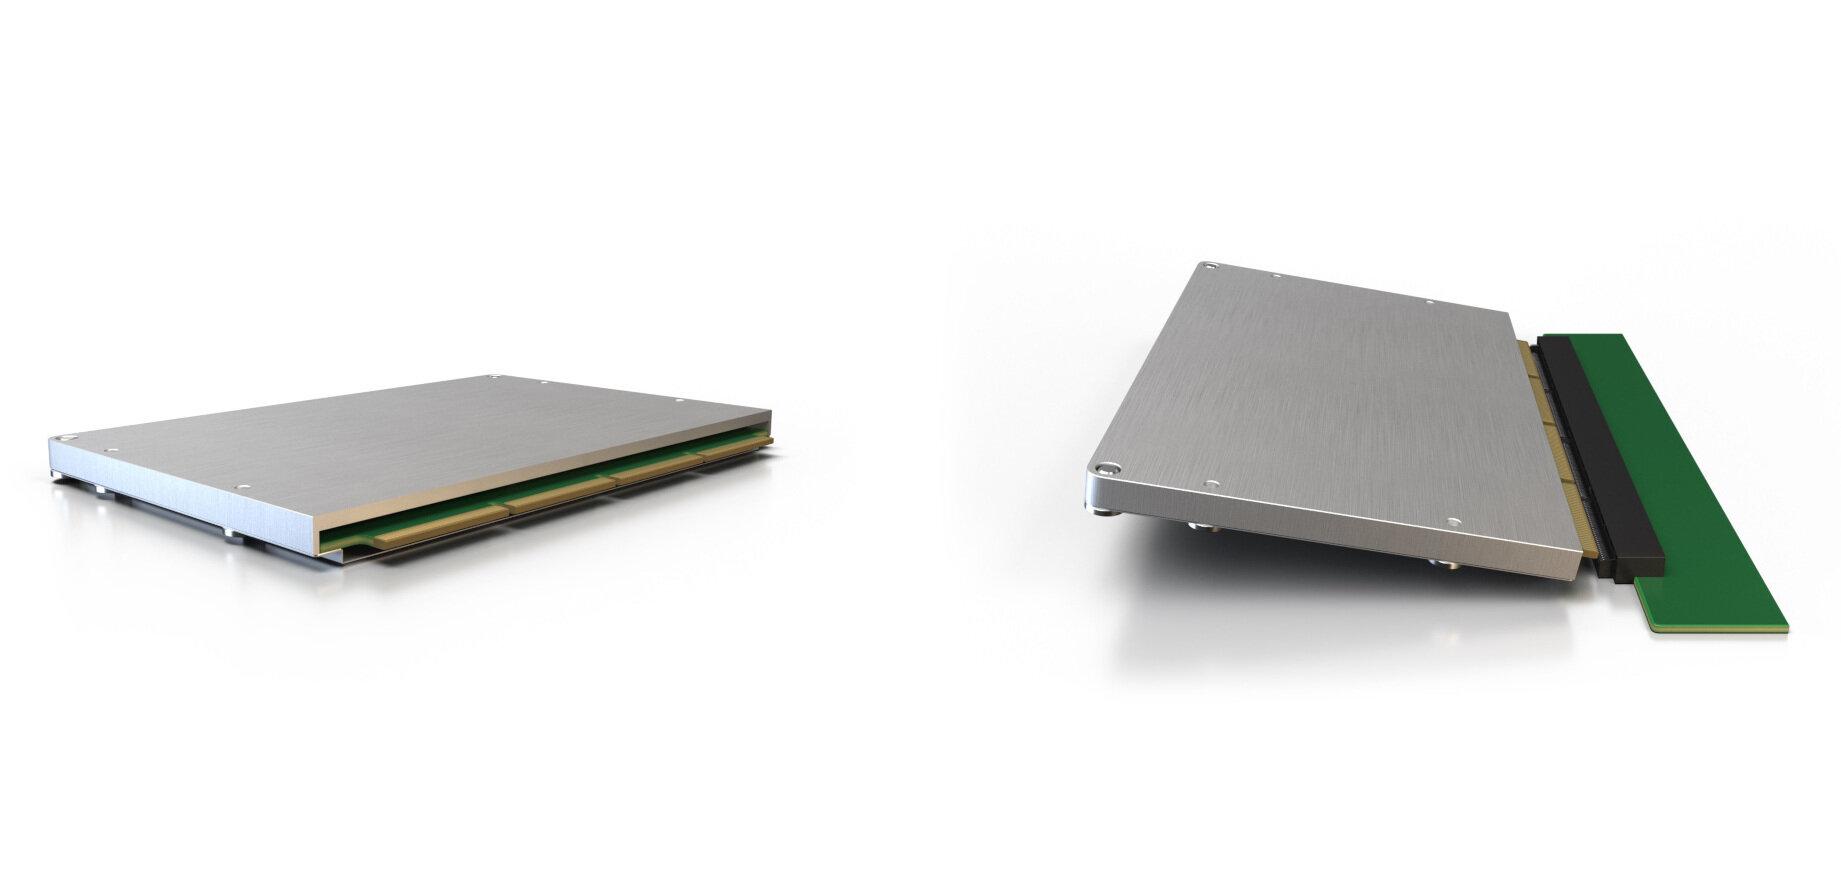 NUC Compute Element : Intel évoque le remplaçant de ses Compute Cards